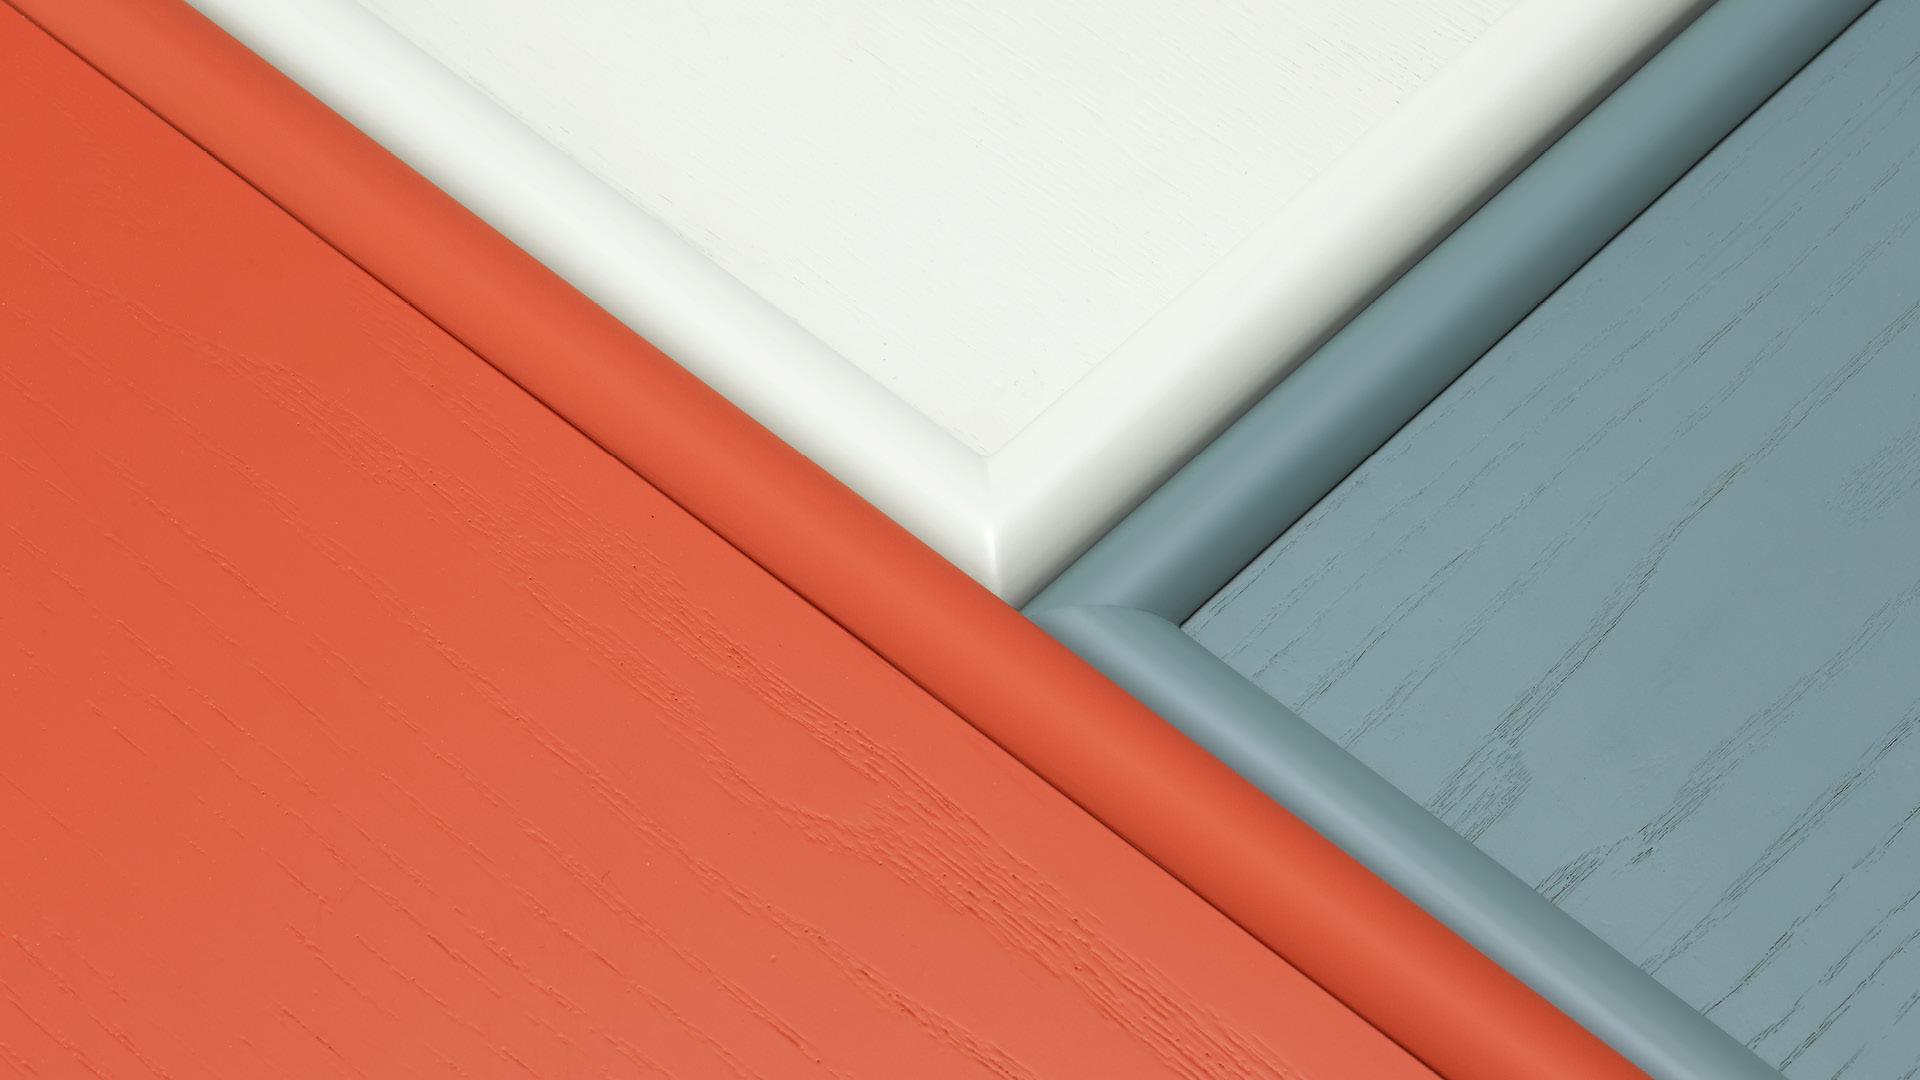 明艳配色,为空间注入季节流转的色彩